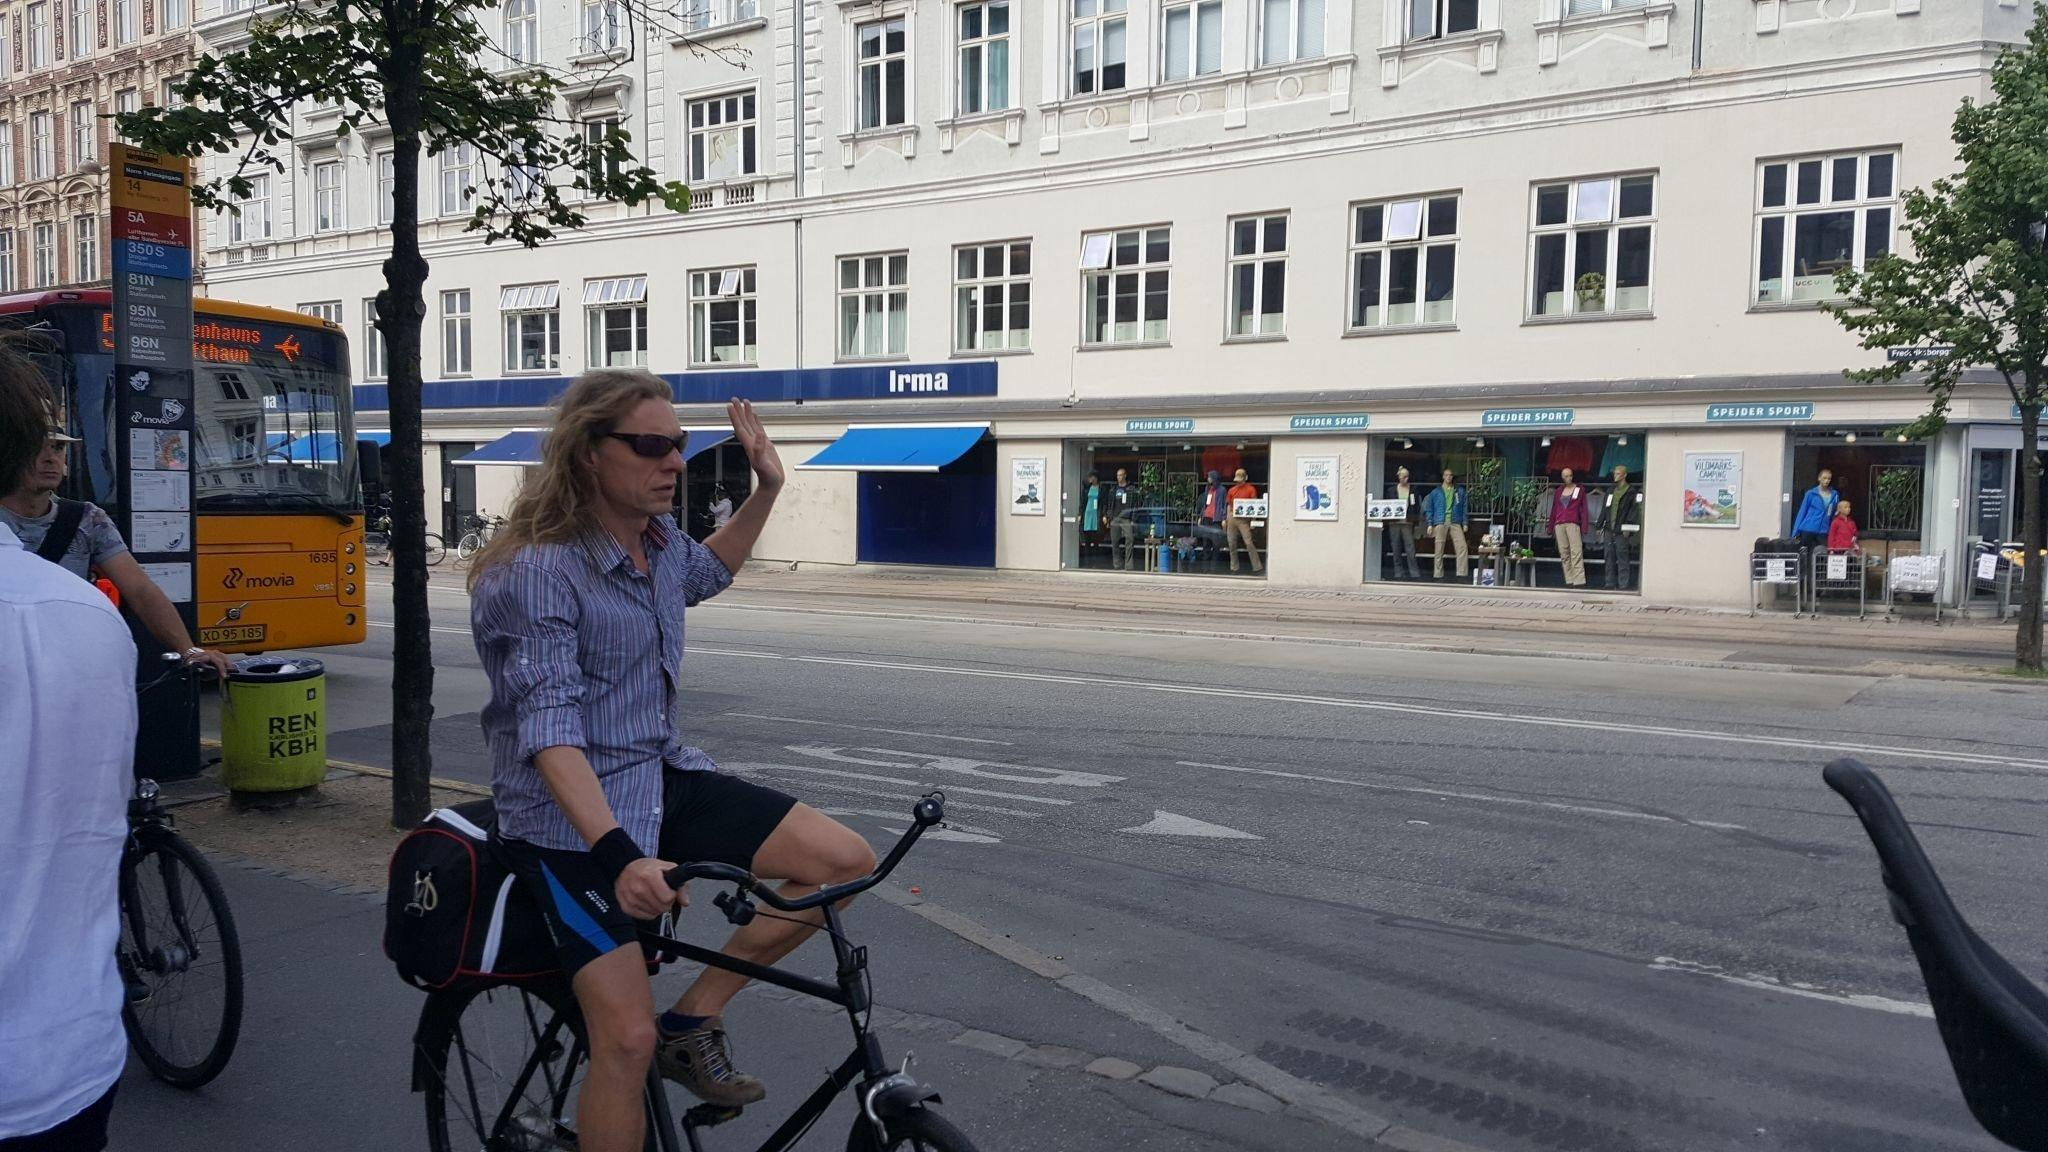 Radfahrer gibt Handzeichen bevor er bremst.